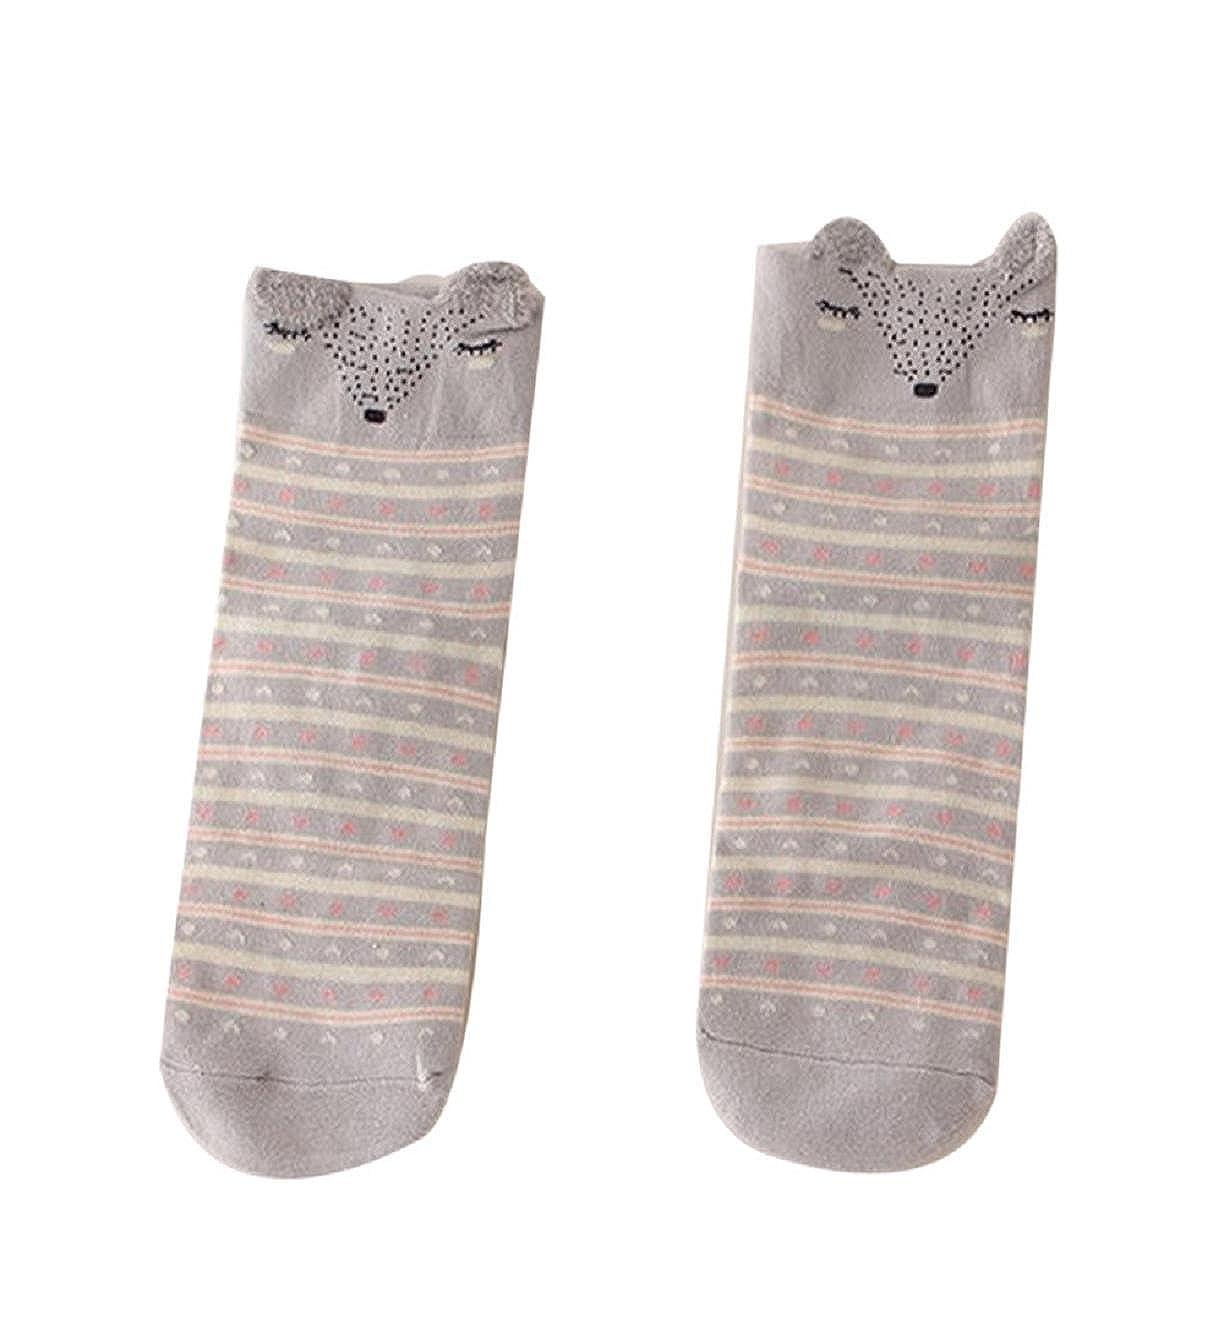 Rosennie Damen Mädchen Herbst Niedlich Schön Karikatur Tier Socken Baumwolle warm Weiche Socken Beige) 7196